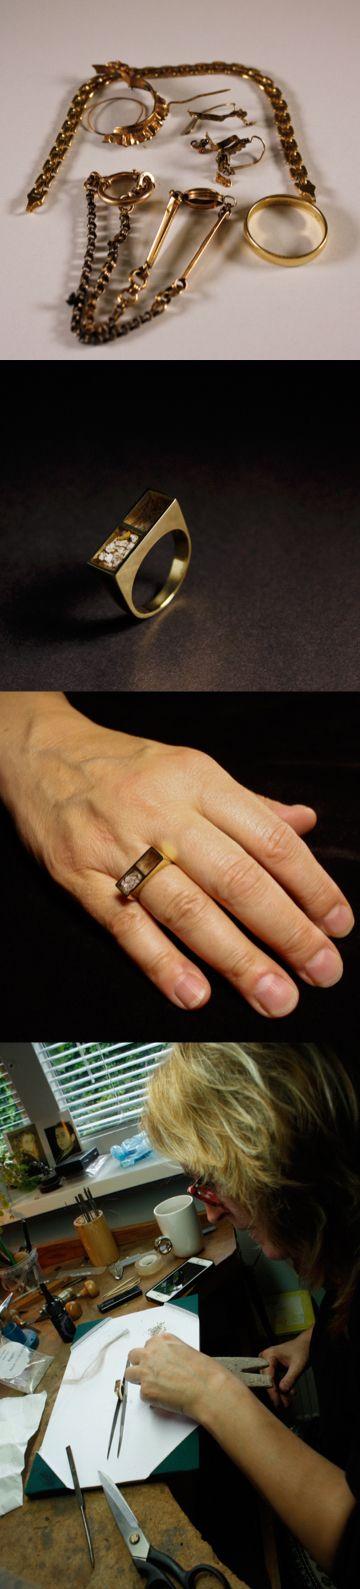 Het eindresultaat van een prachtige Gouden damesring met het haar en het as van haar overleden vader, vervaardigd van dierbaar goud van de klant zelf. Het as en het haar is door de klant zelf geplaatst #goudsmidmetpassie #asring #assieraden #ring #omdatikjemis #goudsmidgroningen #dutchdesign